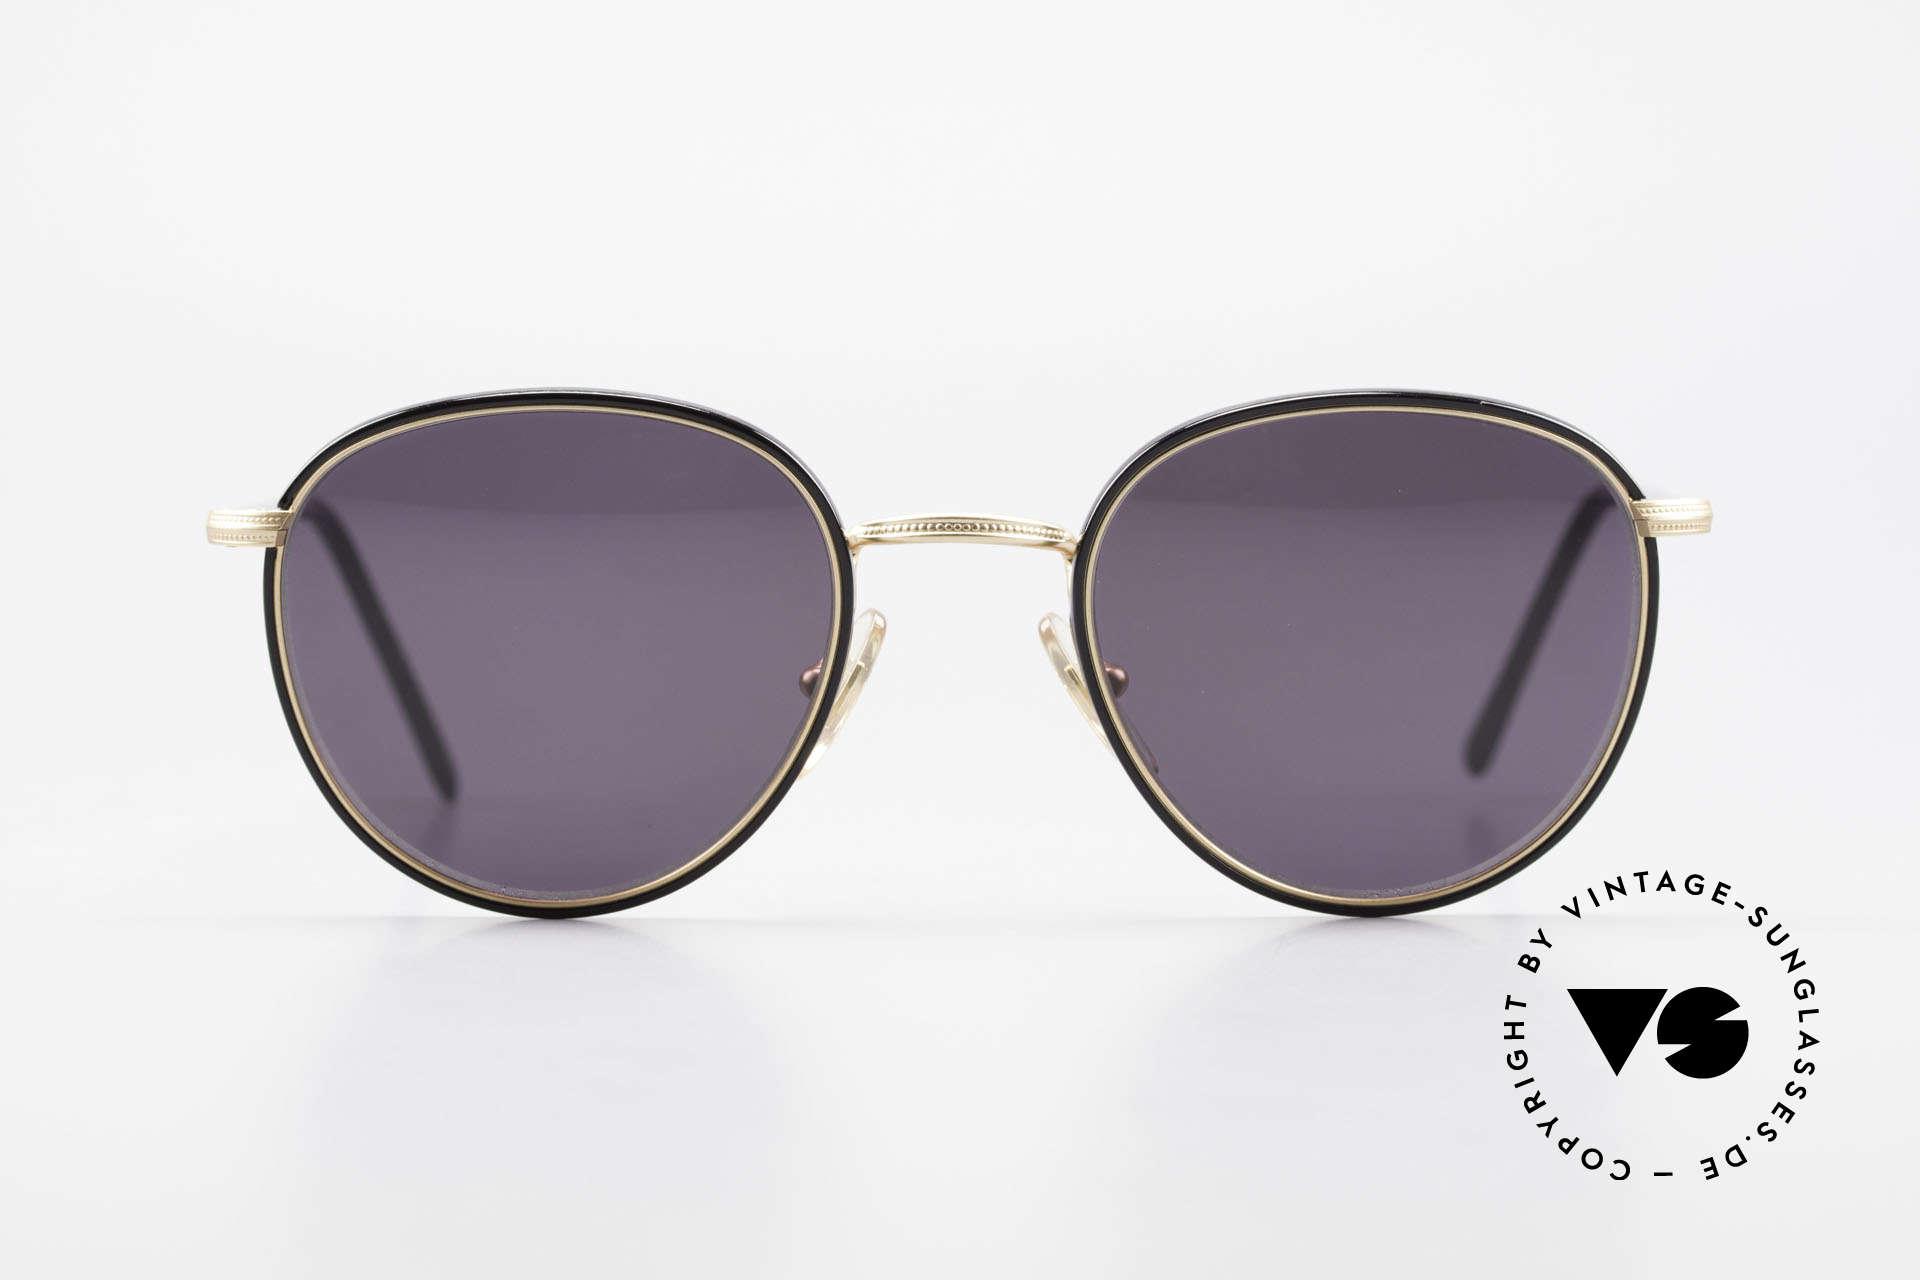 Cutler And Gross 0352 Vintage Panto Sonnenbrille, klassisch, zeitlose Understatement Luxus-Sonnenbrille, Passend für Herren und Damen